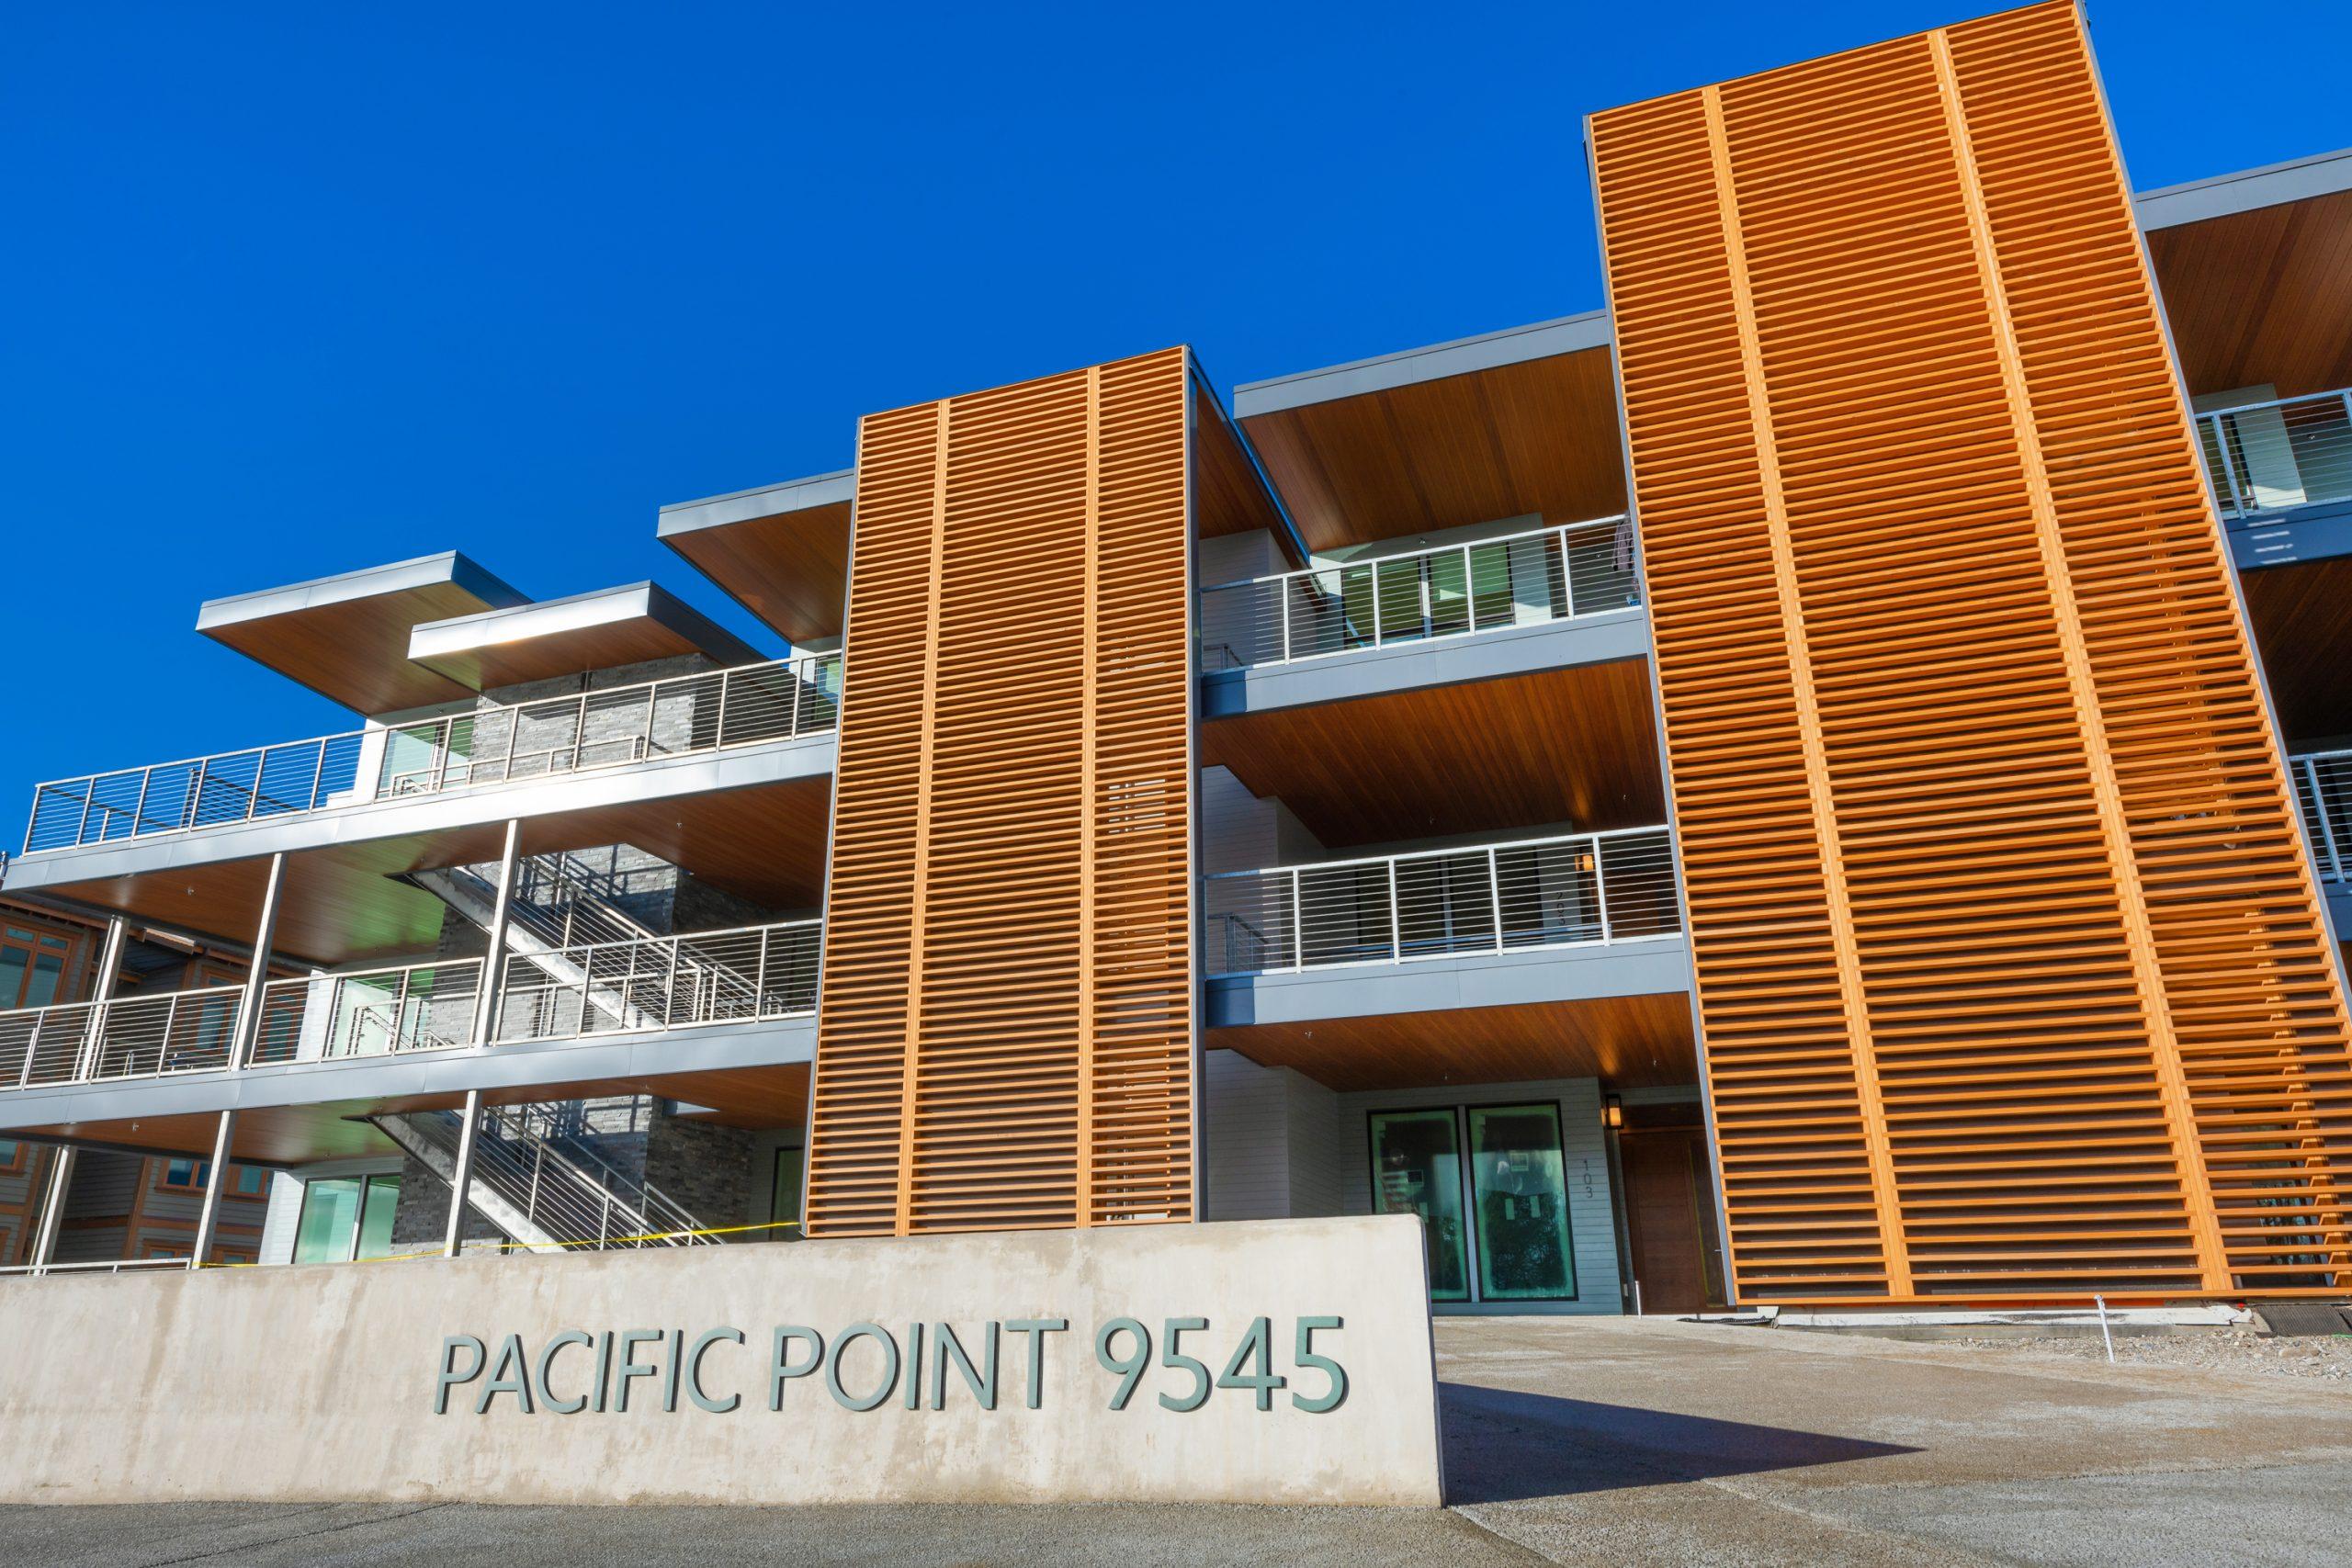 Pacific Point Condominiums